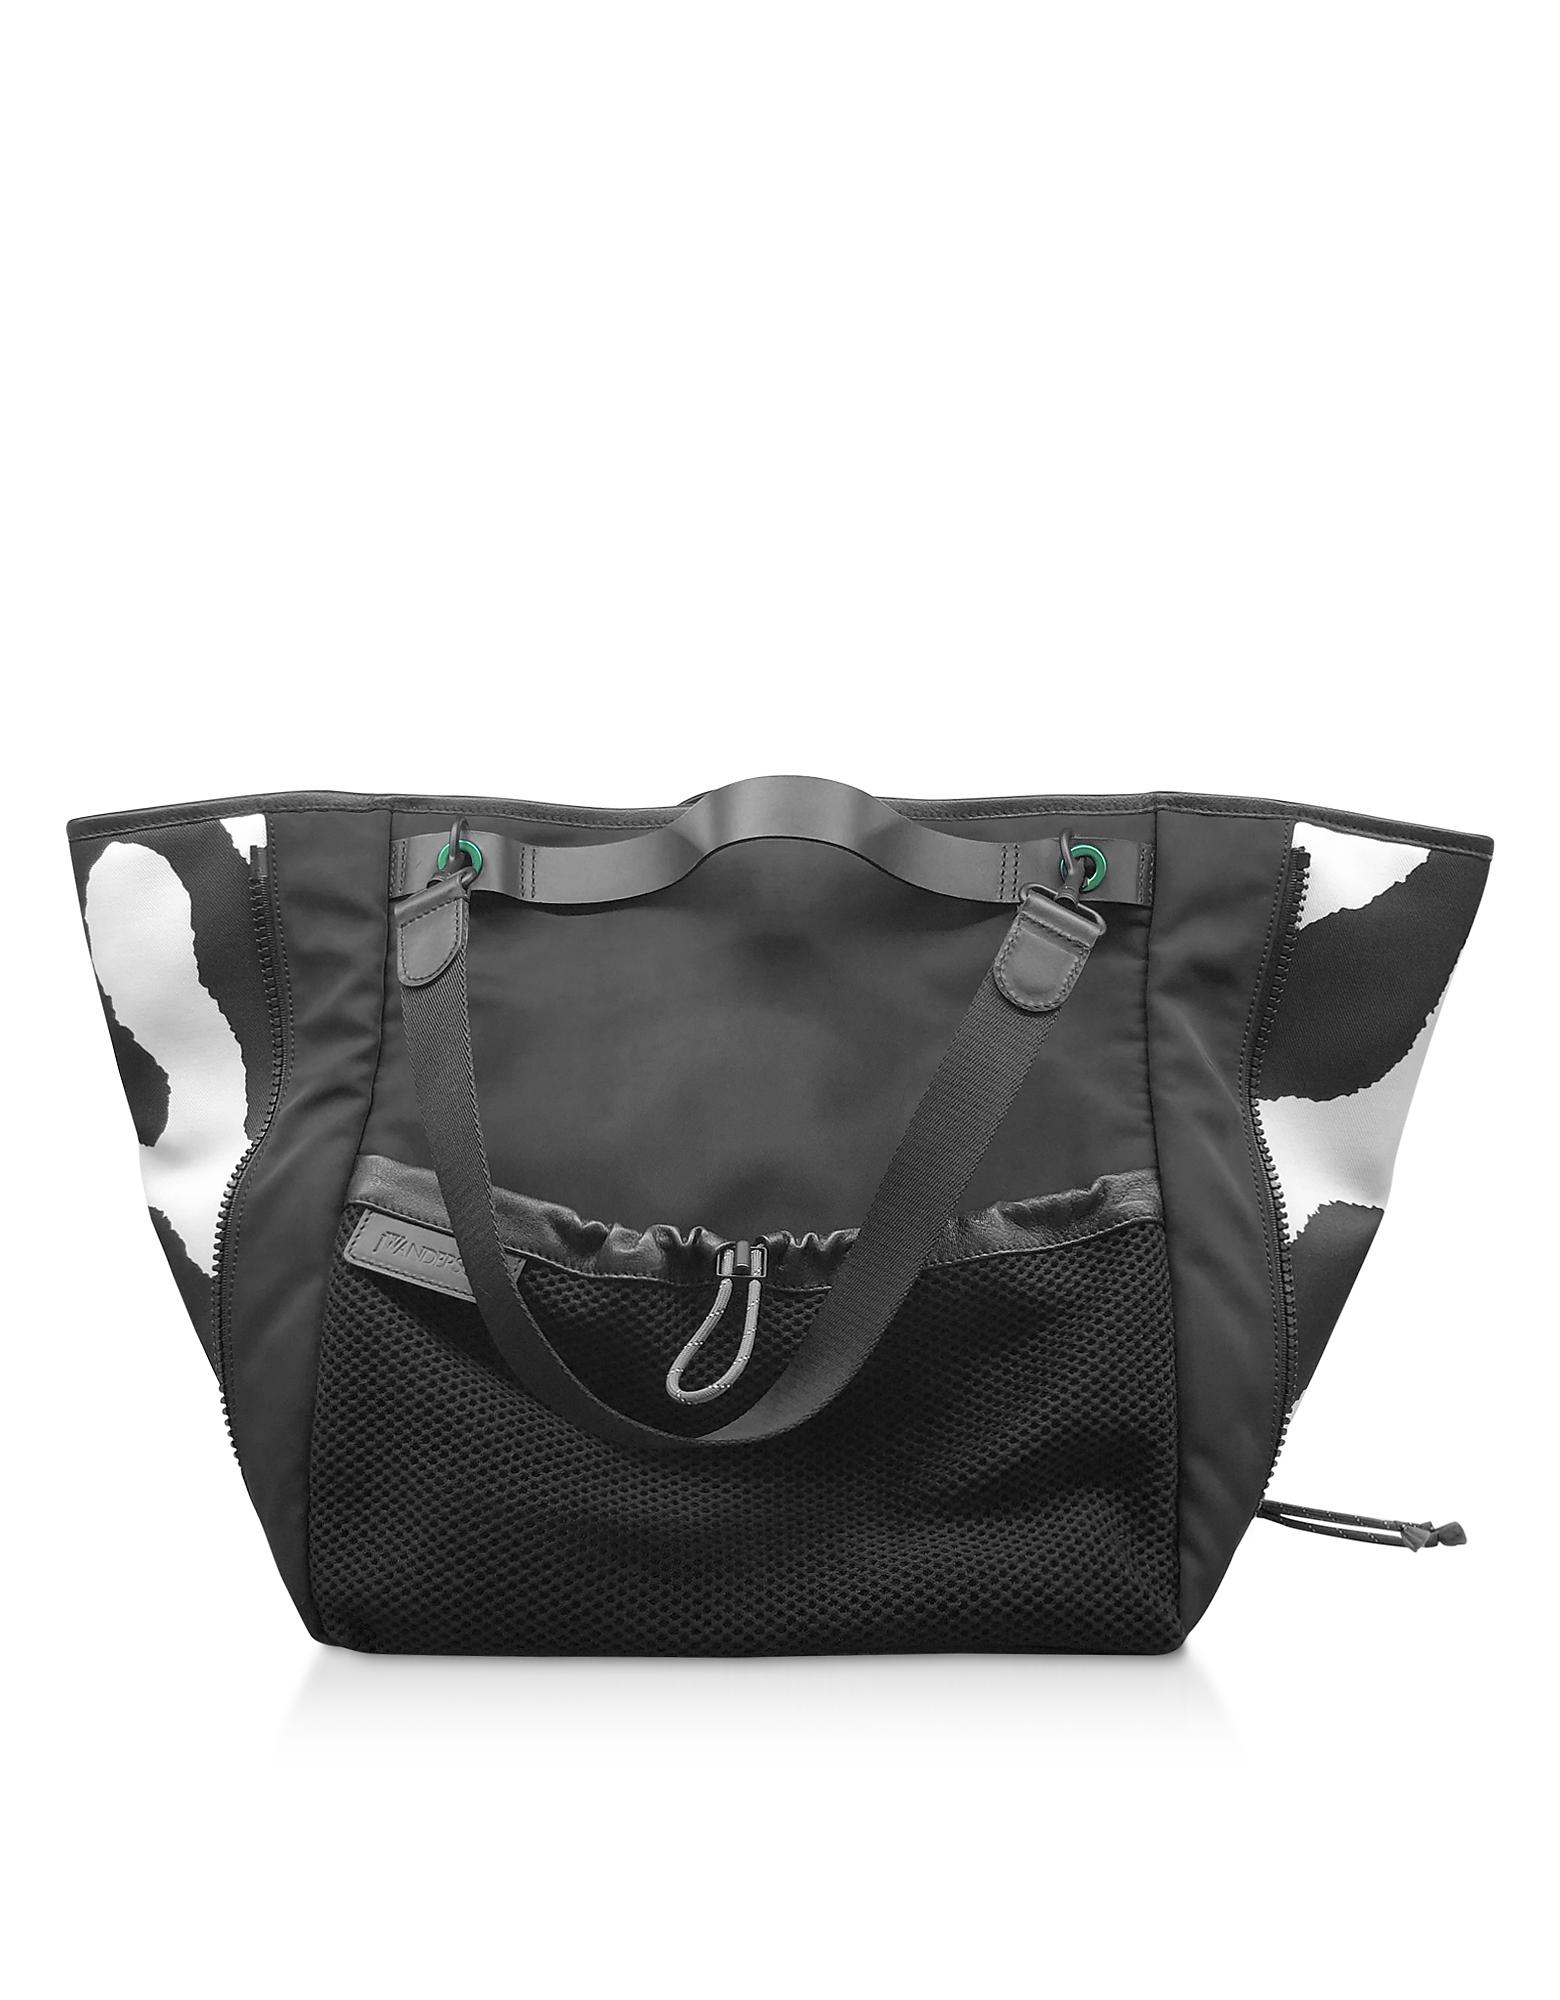 JW ANDERSON   JW Anderson Designer Handbags, Nylon Tote Bag   Goxip